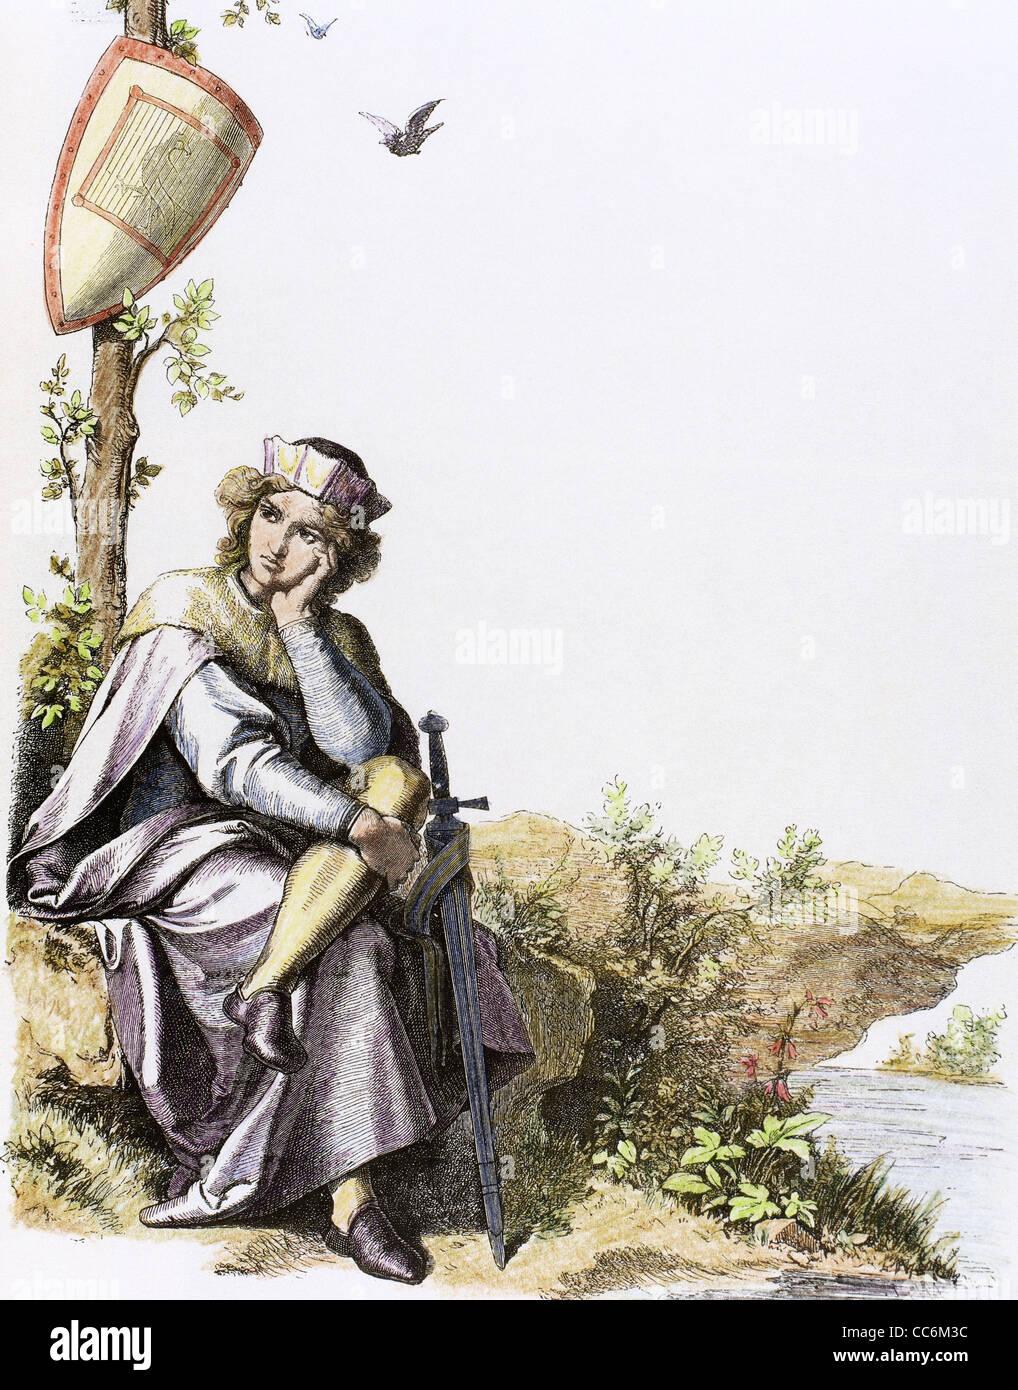 Medioevo. Il principe. Incisione presso 'Germania', 1882. Colorati. Immagini Stock